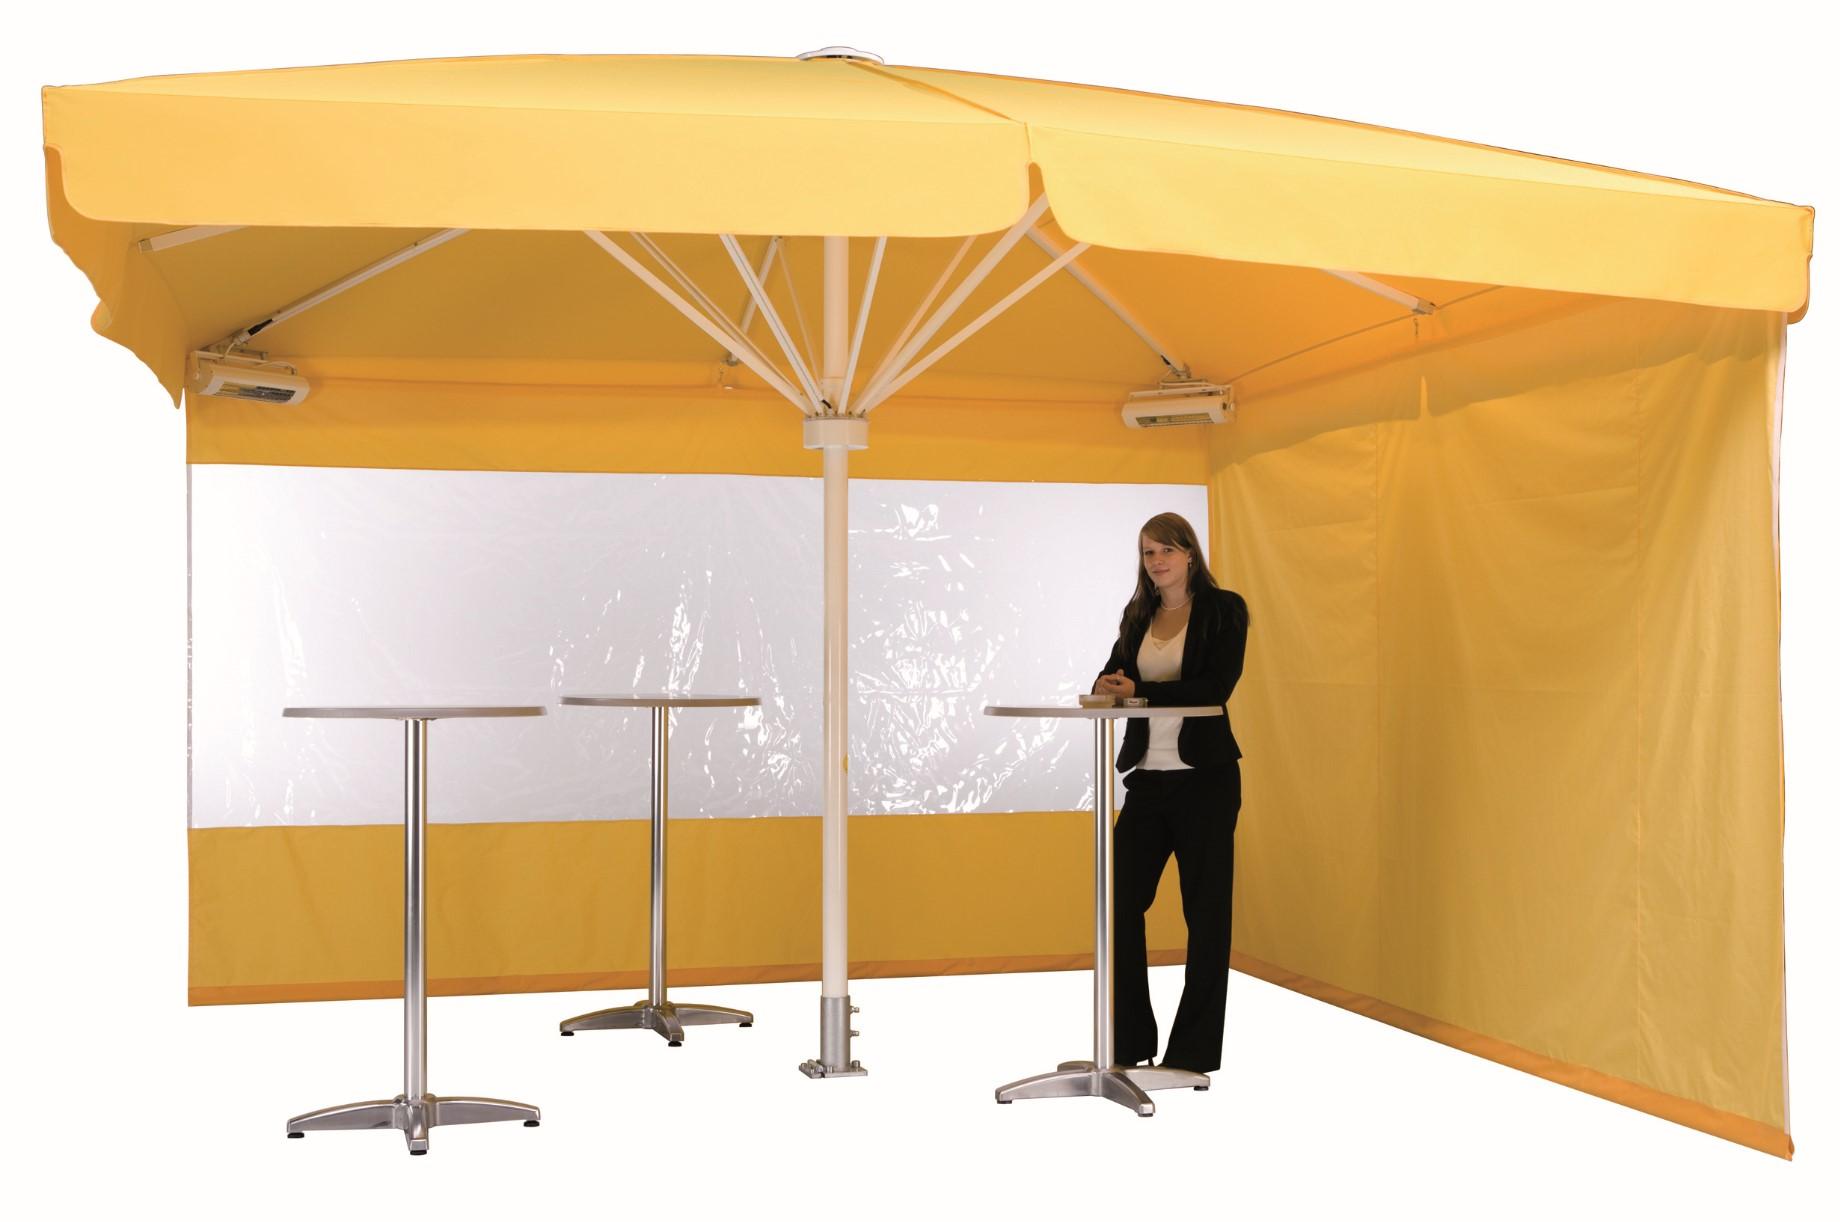 Seitenbehänge und Regenrinnen für den ganzjährigen Sonnenschirm-Einsatz